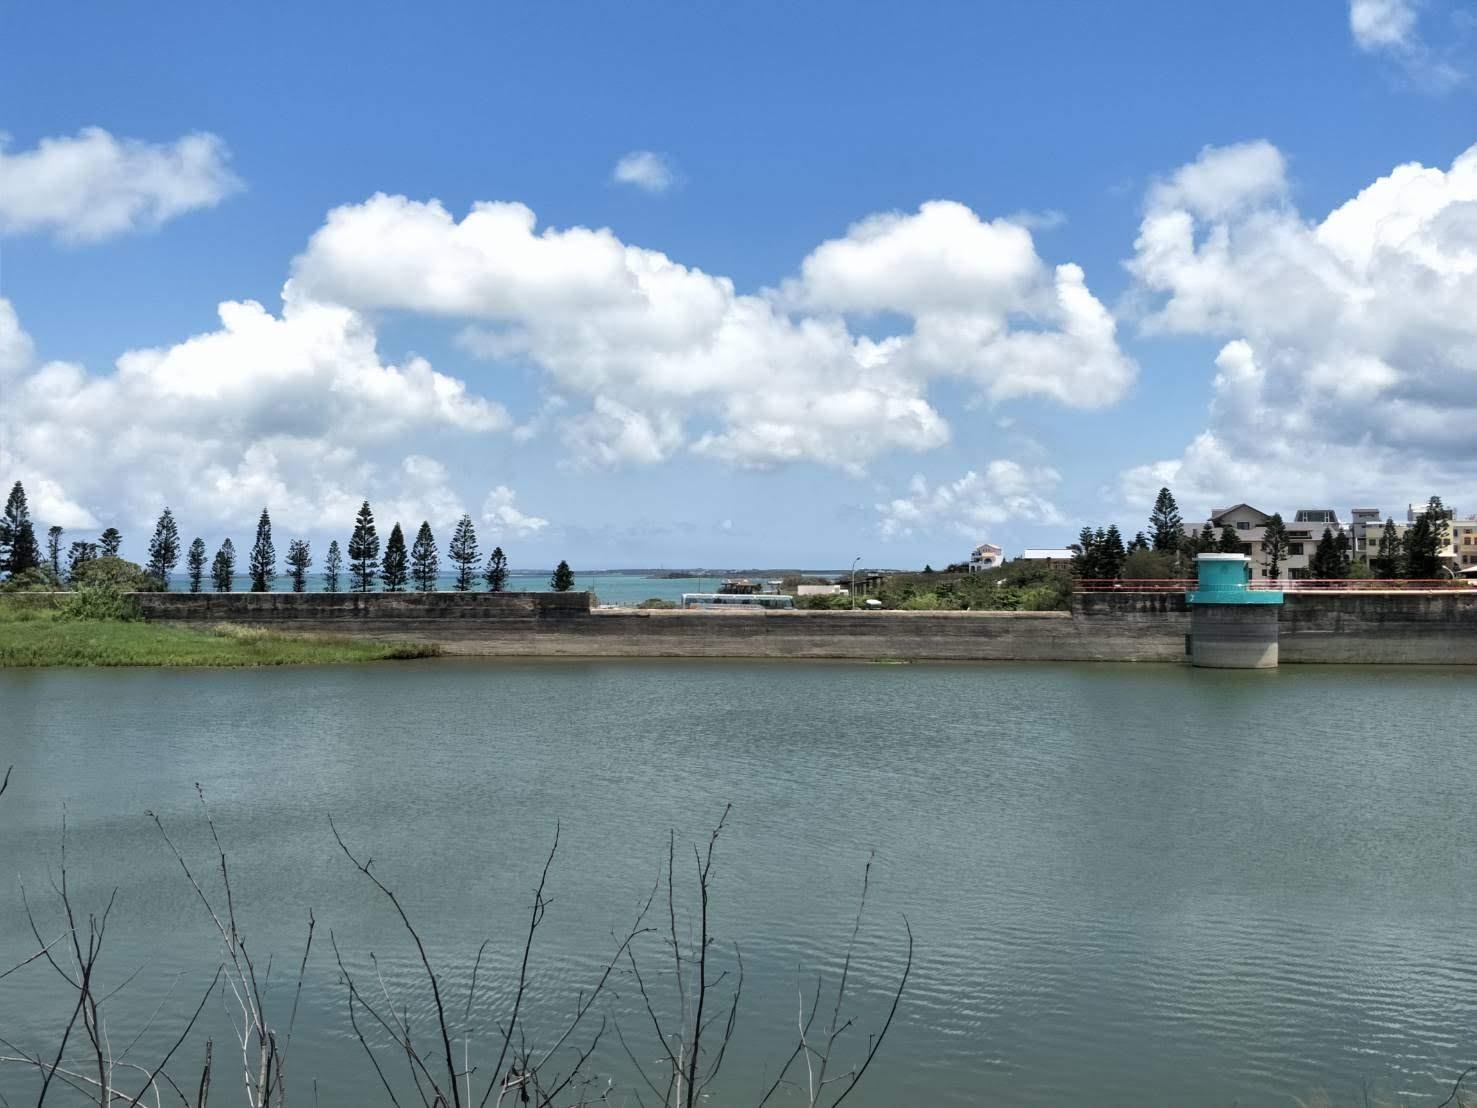 澎水庫從警訊3座水庫進水達28萬餘噸 - 澎湖日報 - 澎湖新聞網